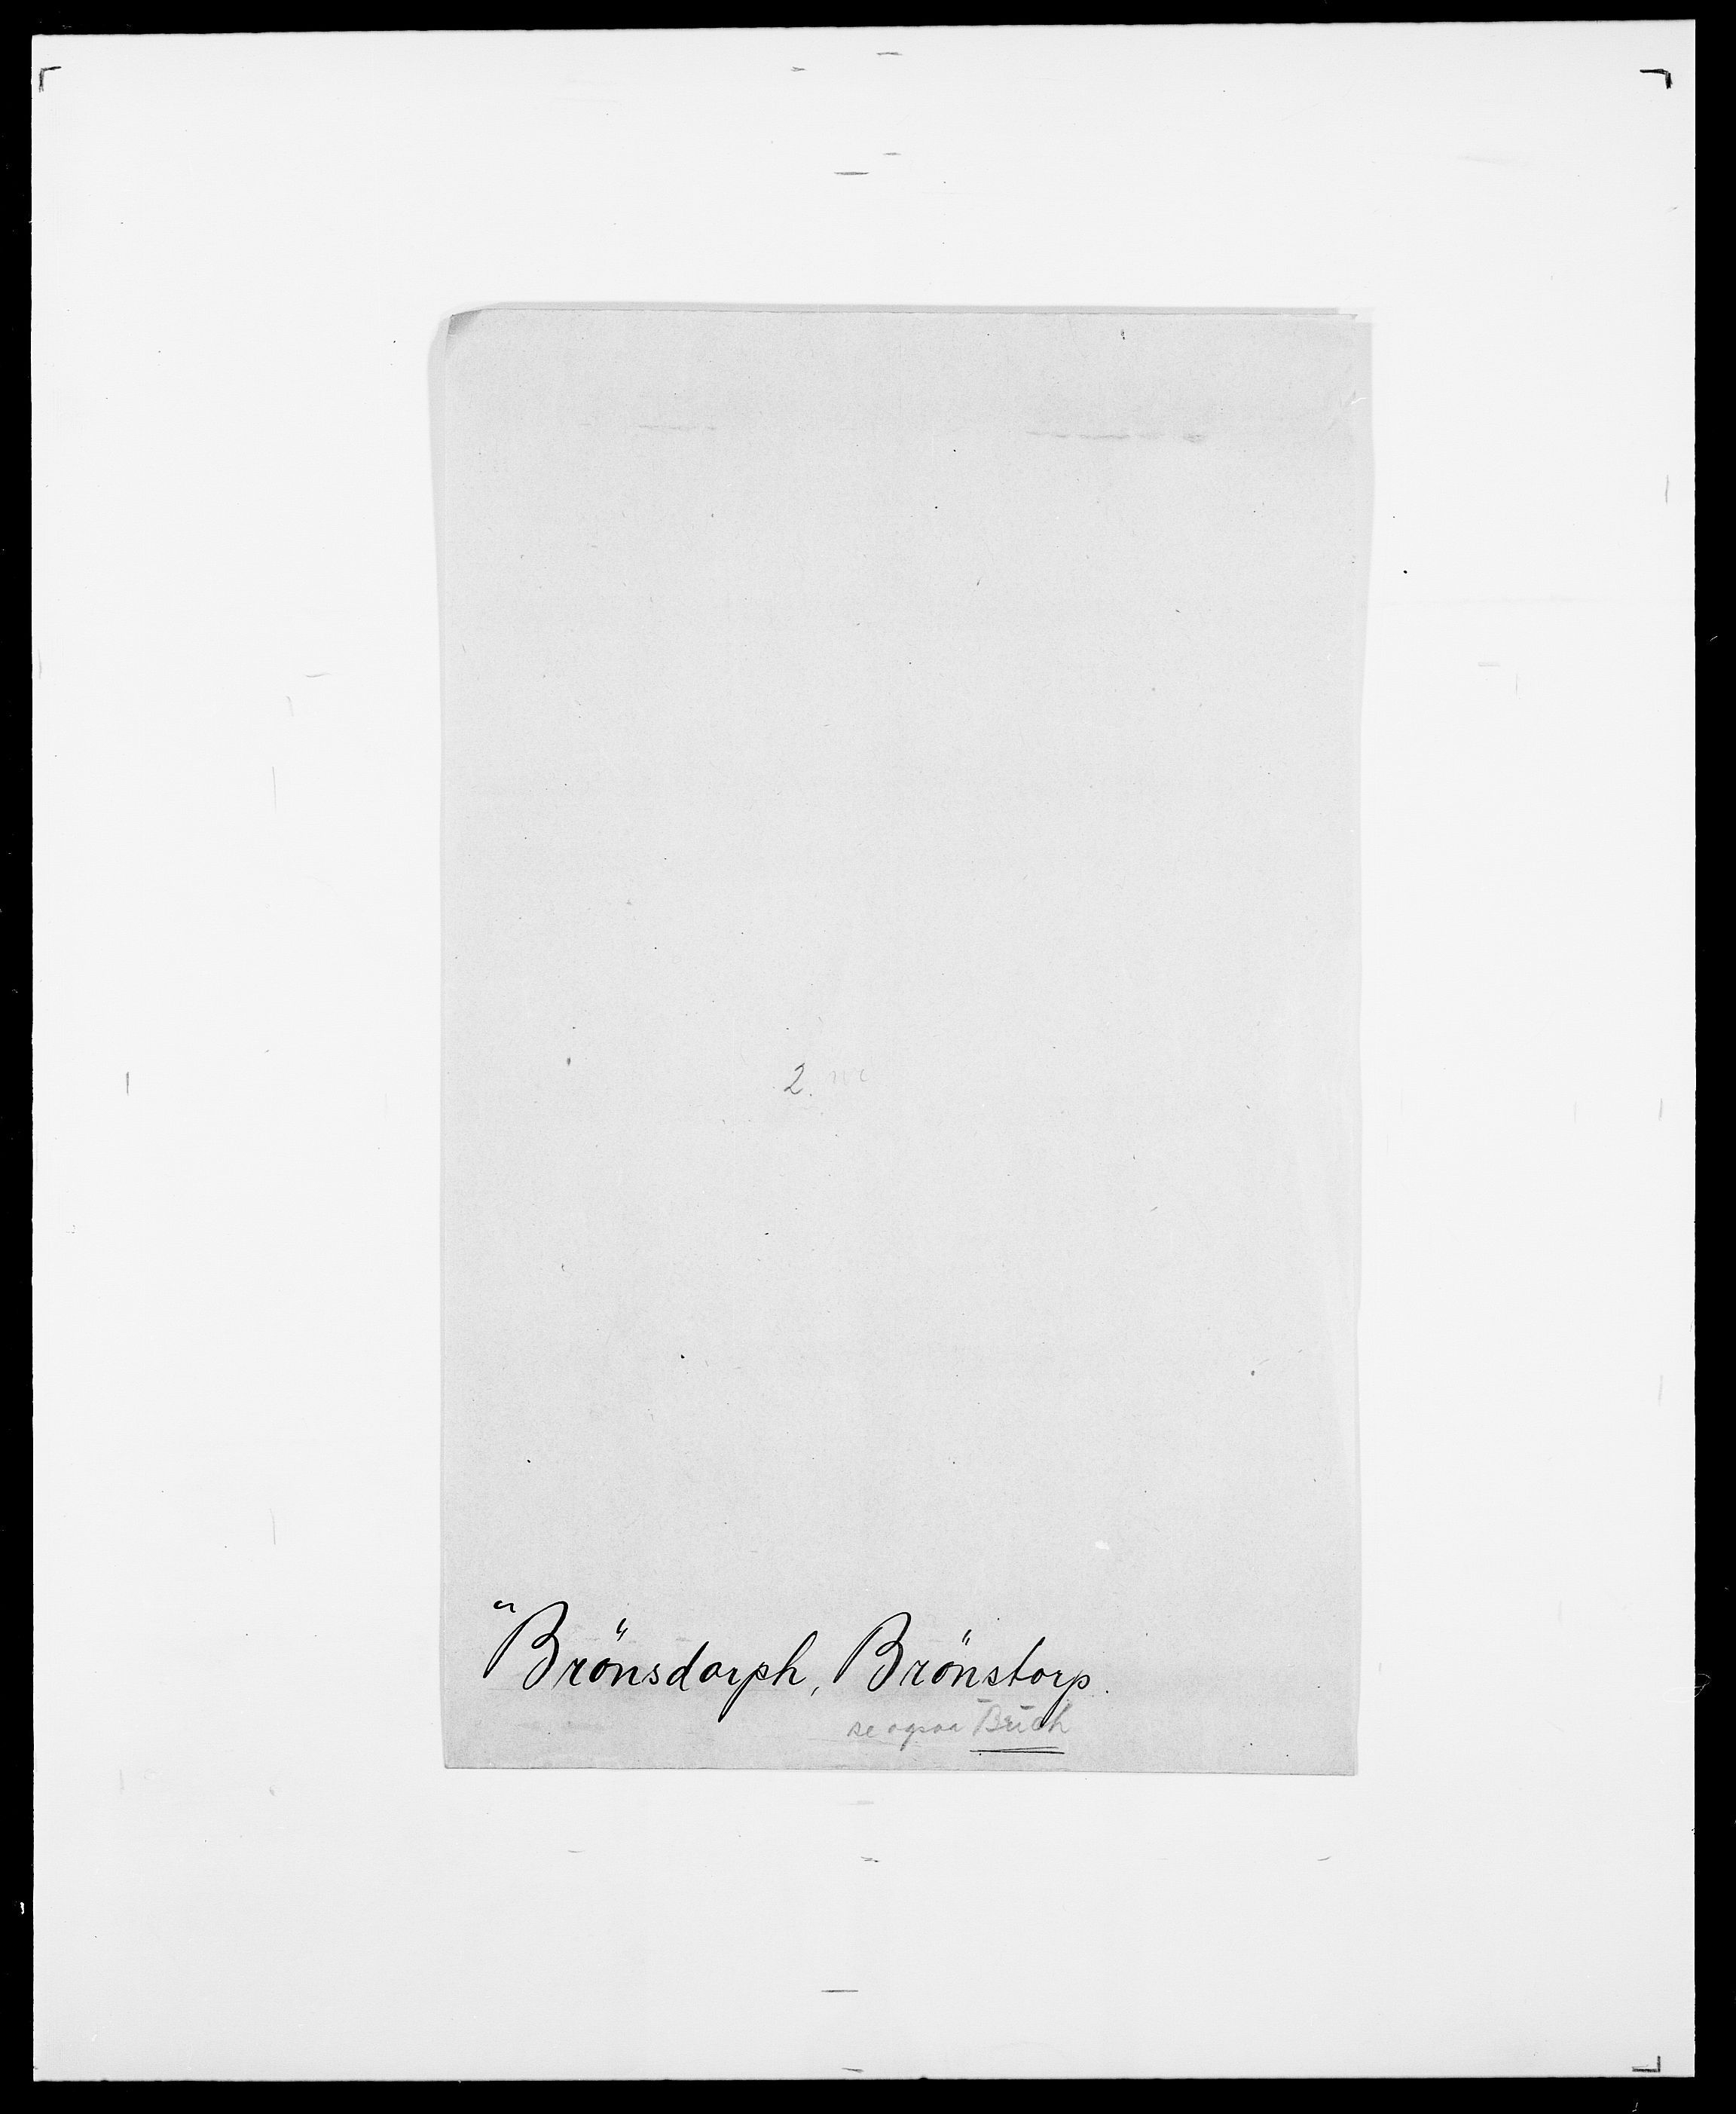 SAO, Delgobe, Charles Antoine - samling, D/Da/L0006: Brambani - Brønø, s. 1070